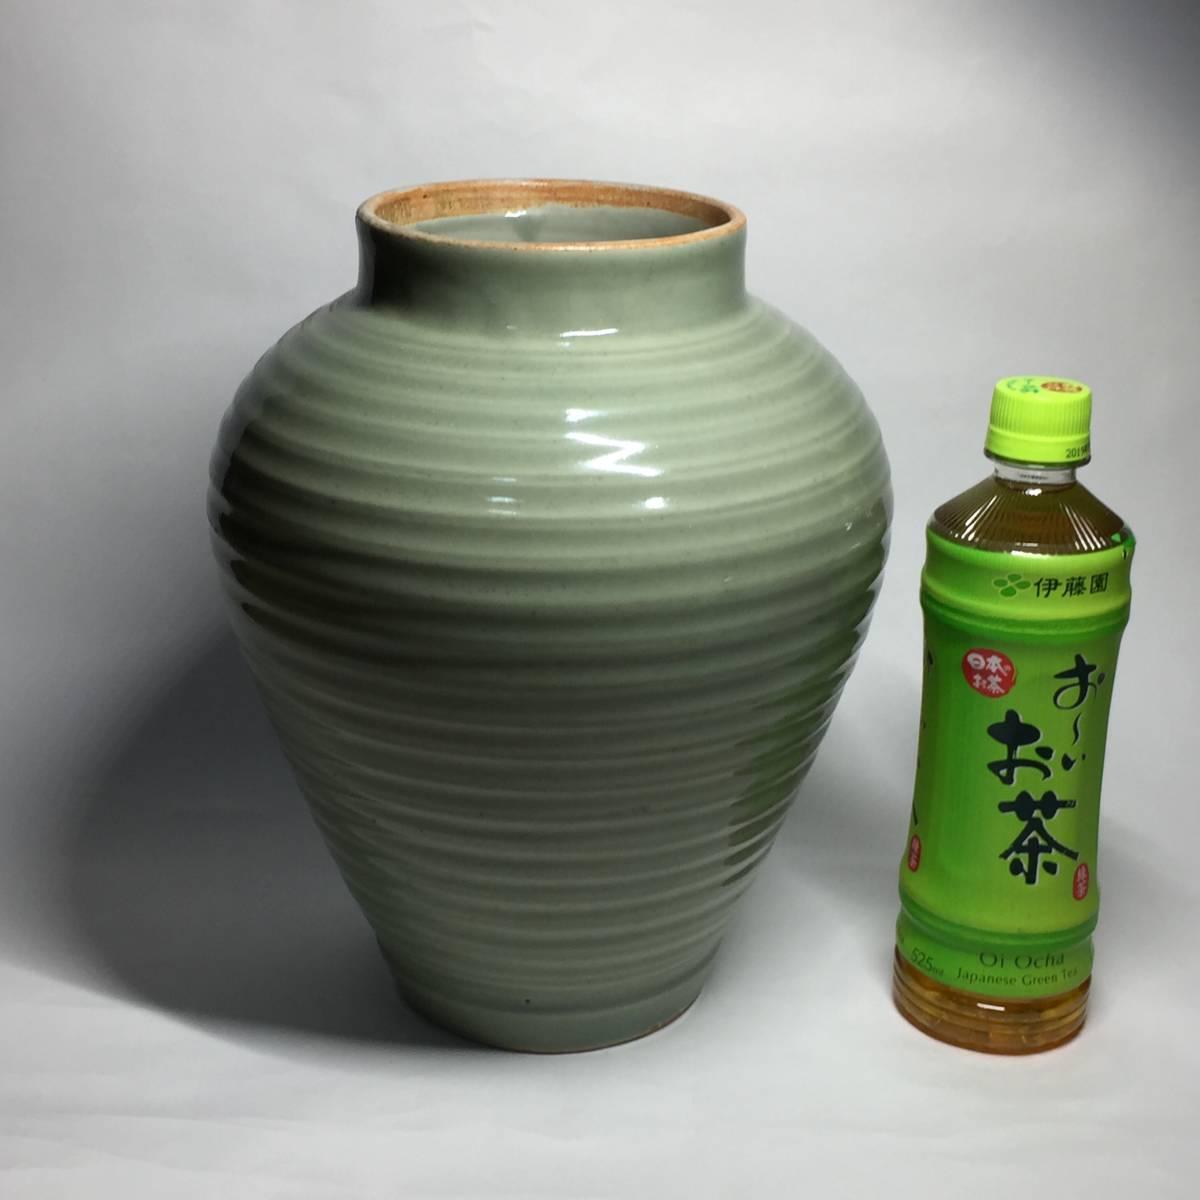 古伊万里 青磁立壺 沈香壺 輪線・鎬文_画像10